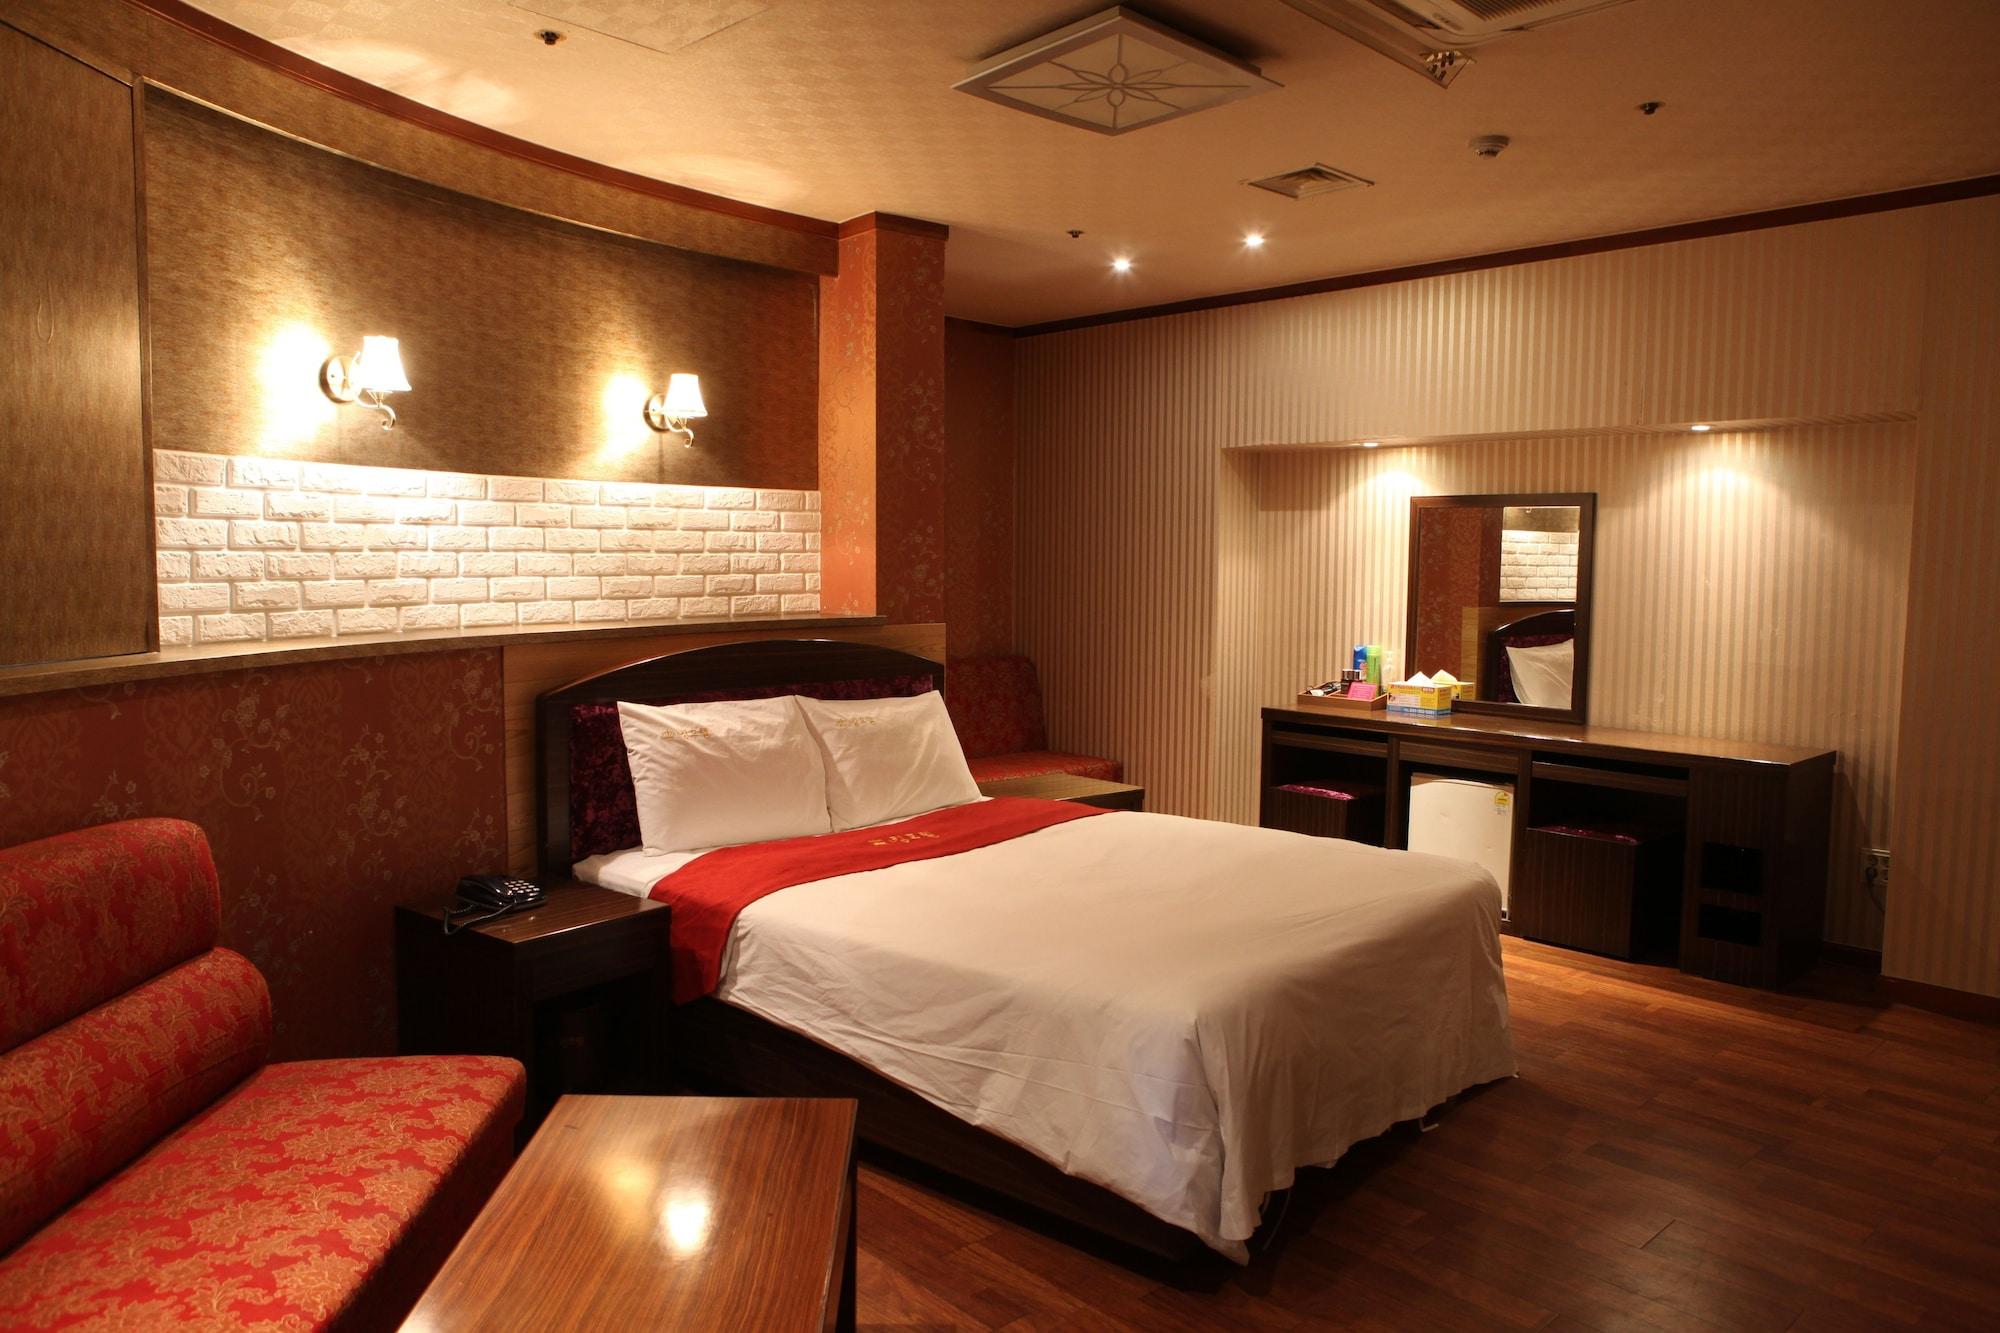 King Hotel, Seongnam